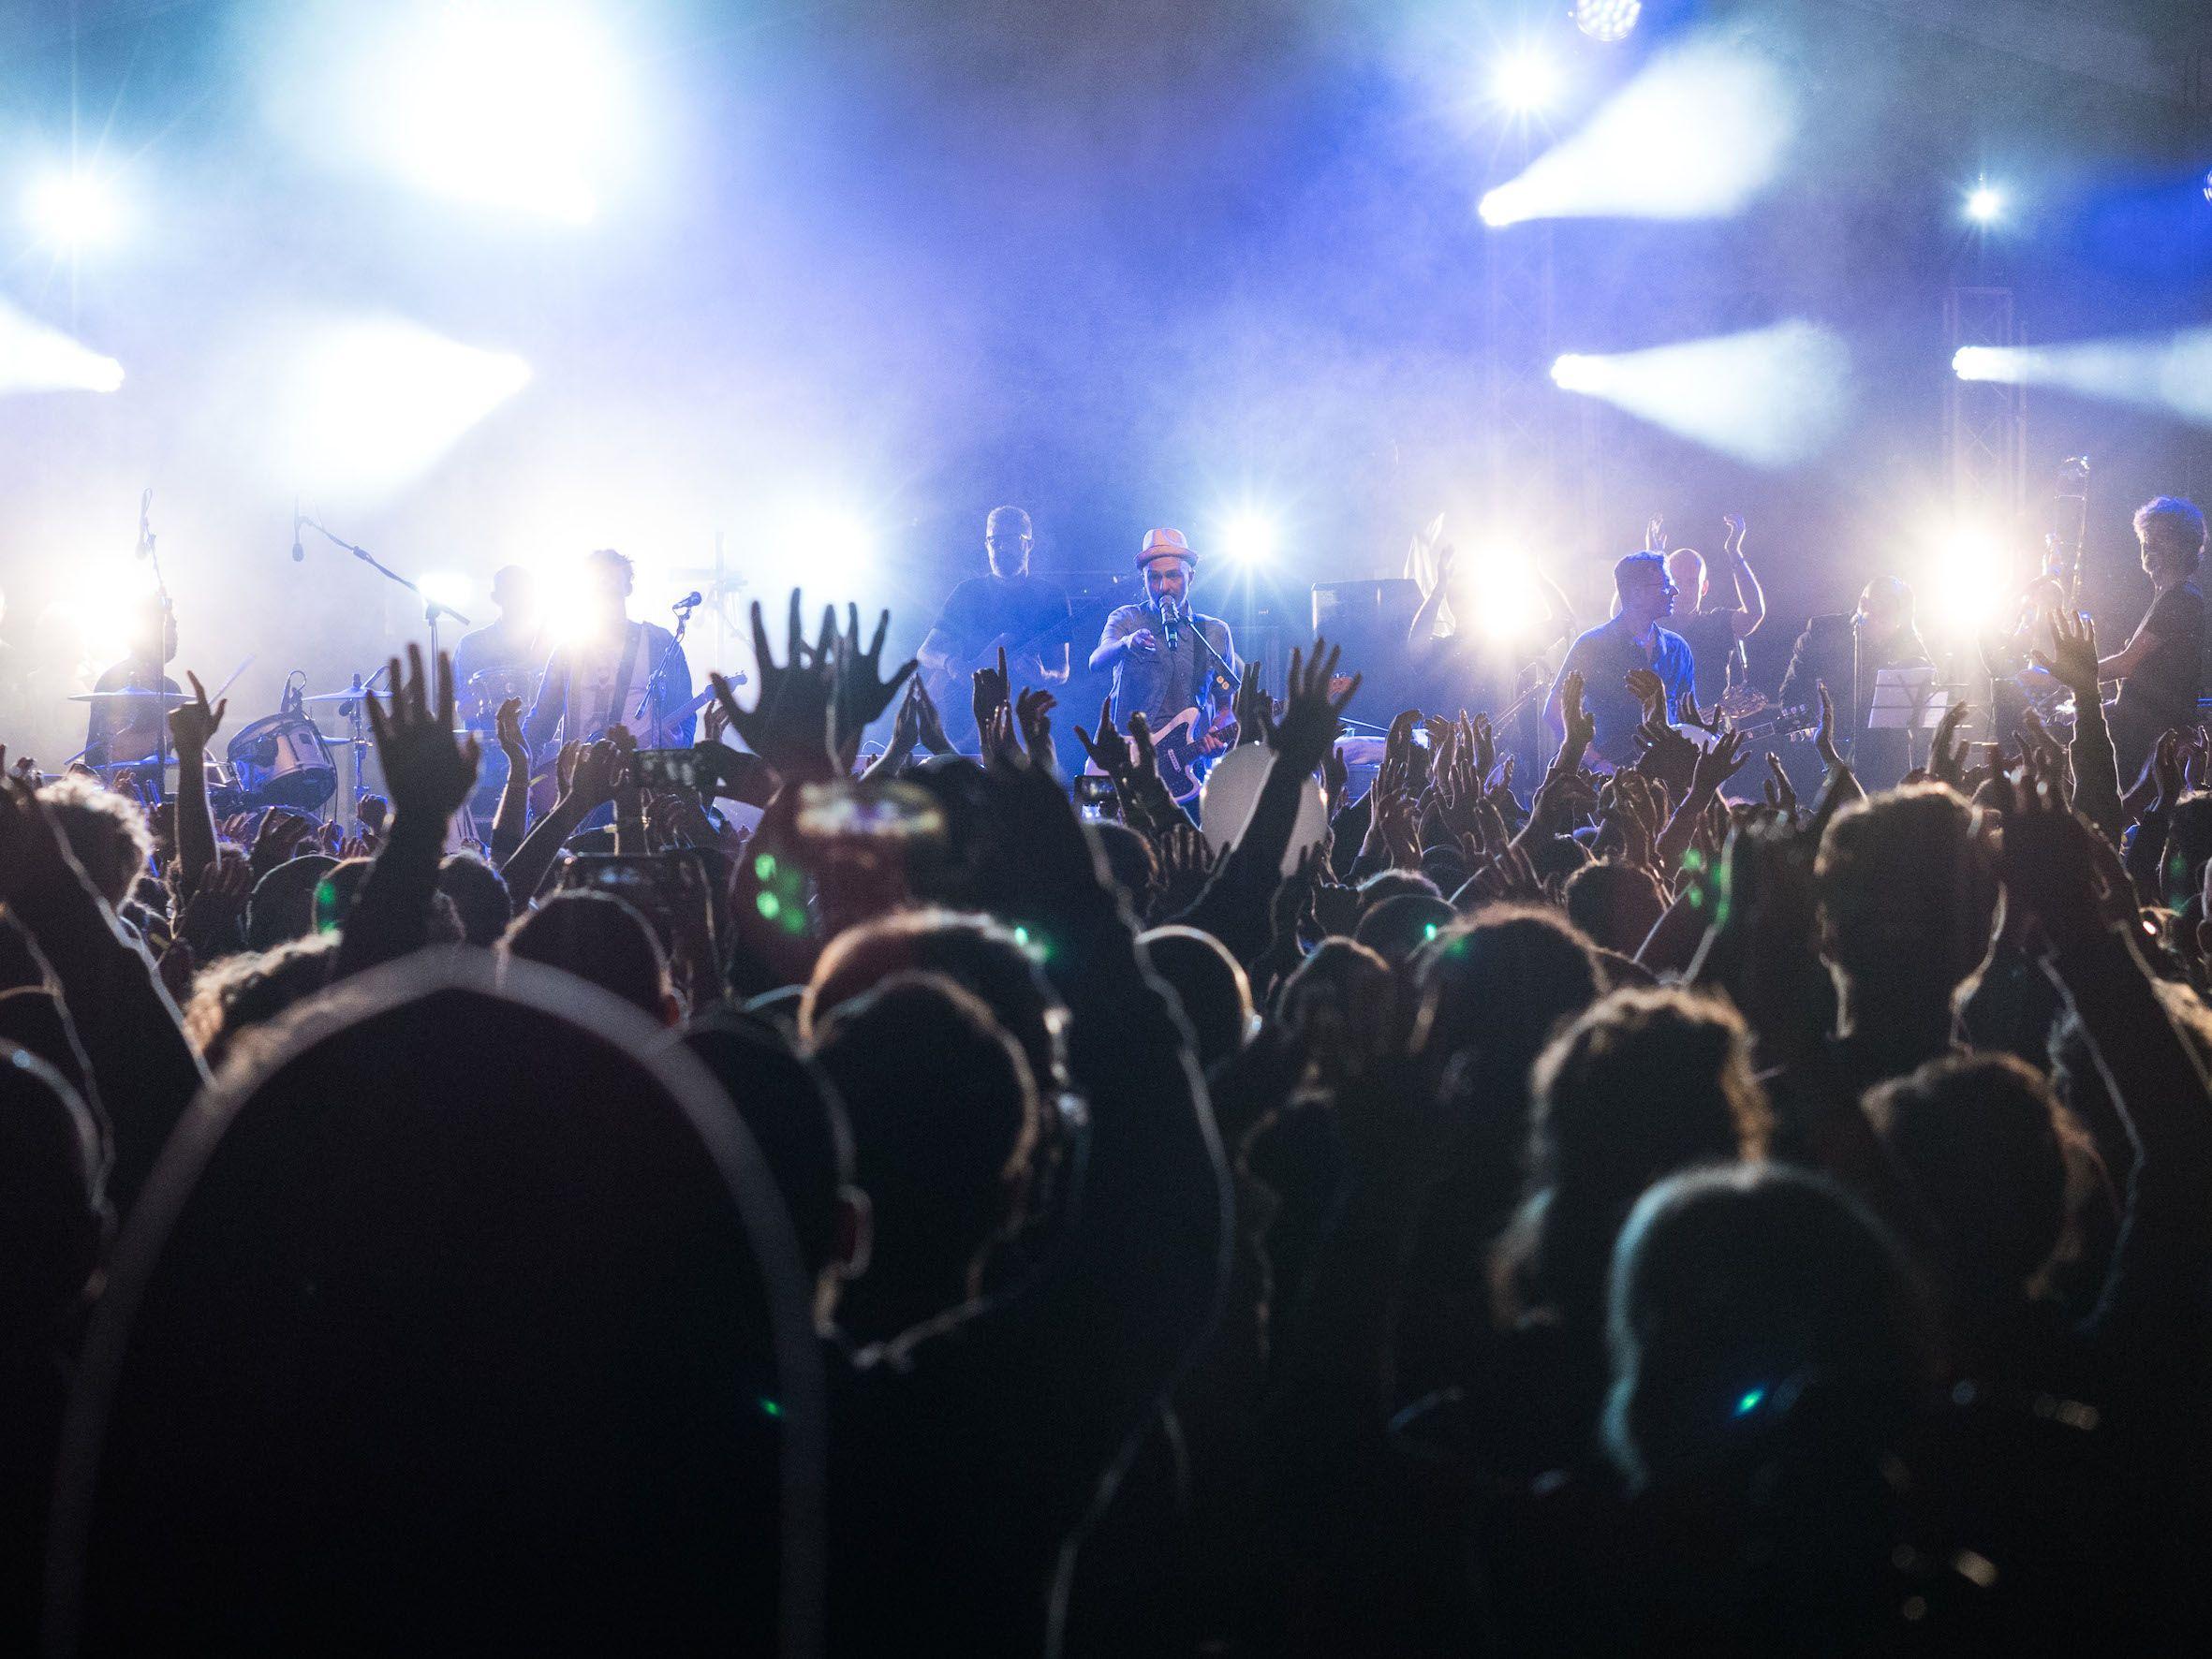 VIALFRE' - Torna l'Apolide Festival: già partite le prevendite per l'evento cult dell'estate